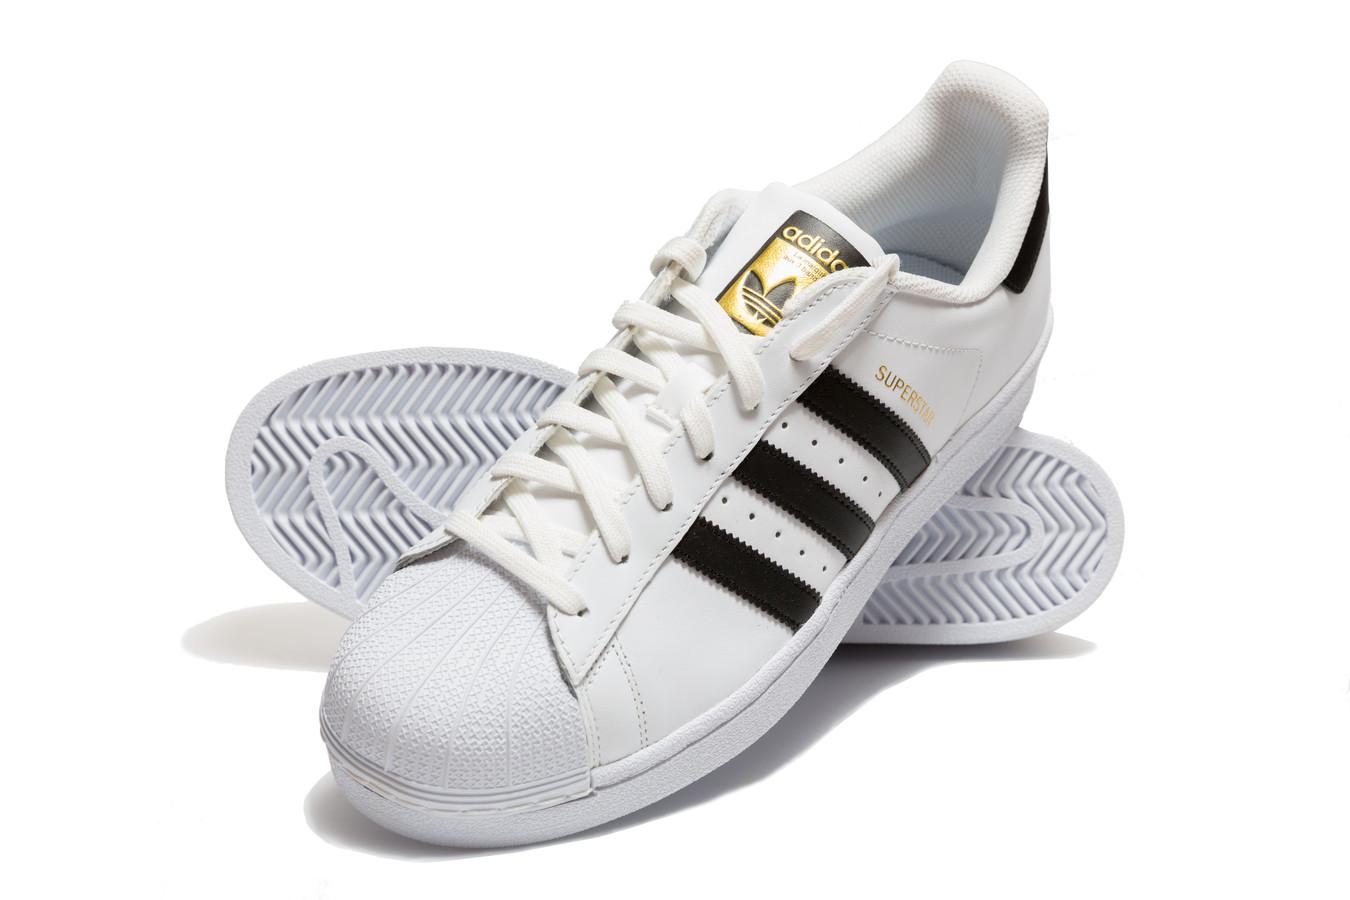 Run DMC is de eerste rapgroep die een lucratieve sponsordeal binnensleept met dank aan het succes van My Adidas (1986). Dit nummer van de New Yorkse rappers is een ode aan de Adidas-schoen en daar speelde het merk slim op in. De sportschoen met de drie strepen veranderde zo van een schoen voor op het sportveld in een geliefd mode-item.